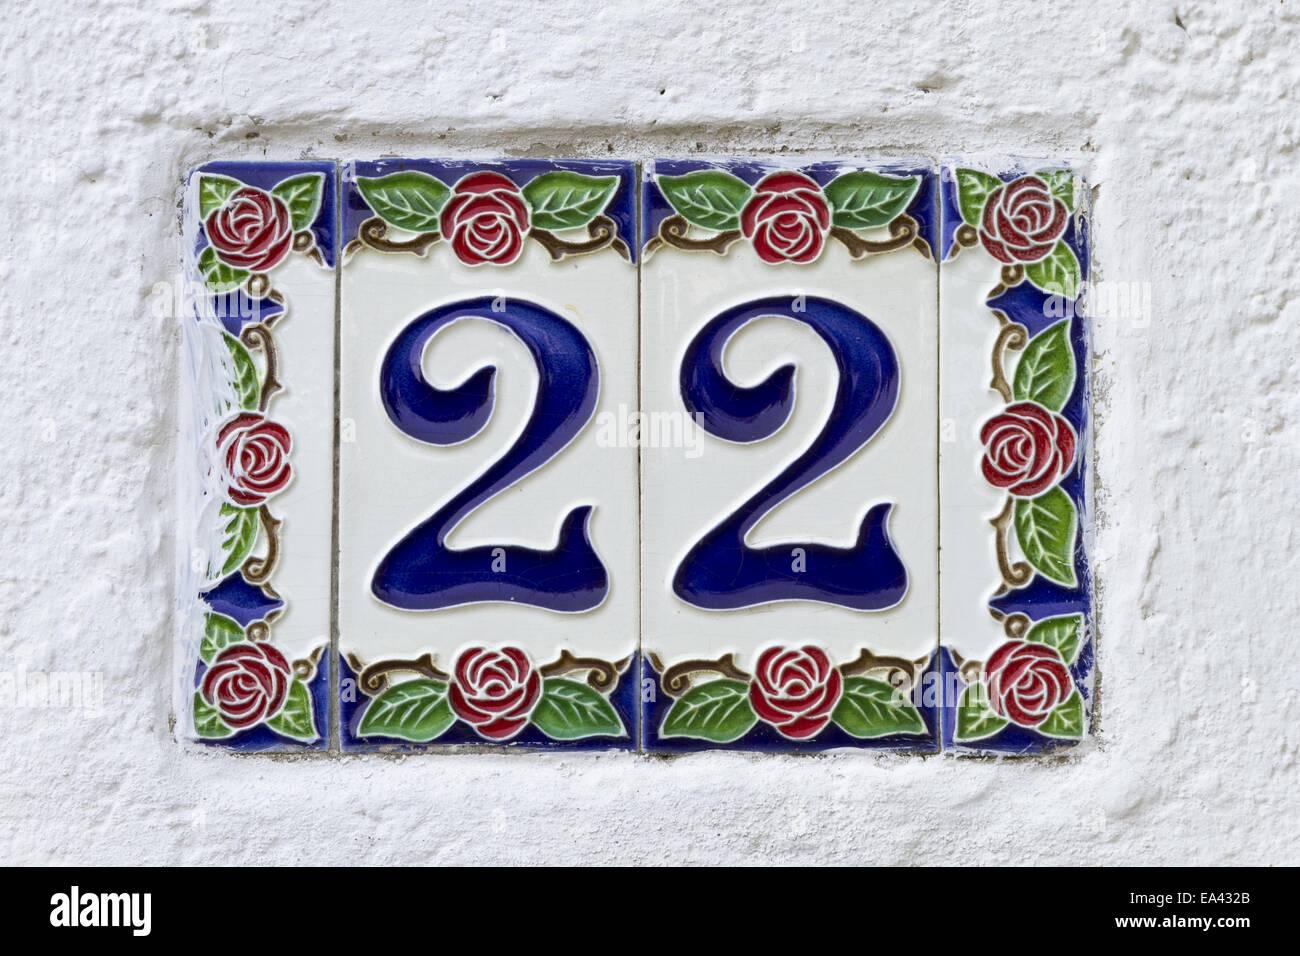 Zahl 22 Stock Photos & Zahl 22 Stock Images - Alamy